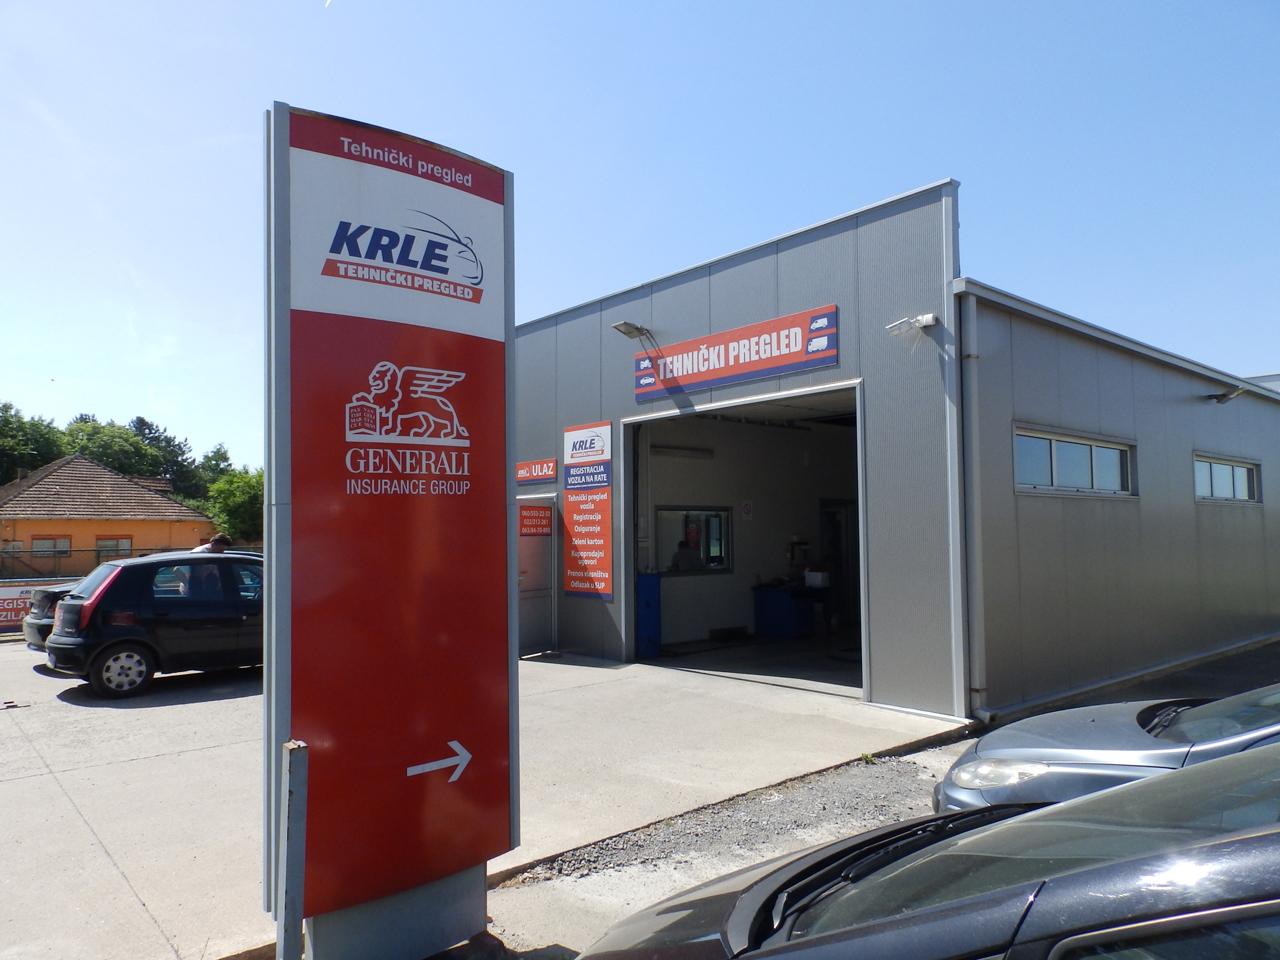 TEHNIČKI PREGLED KRLE Registracija vozila, tehnički pregled Stara Pazova